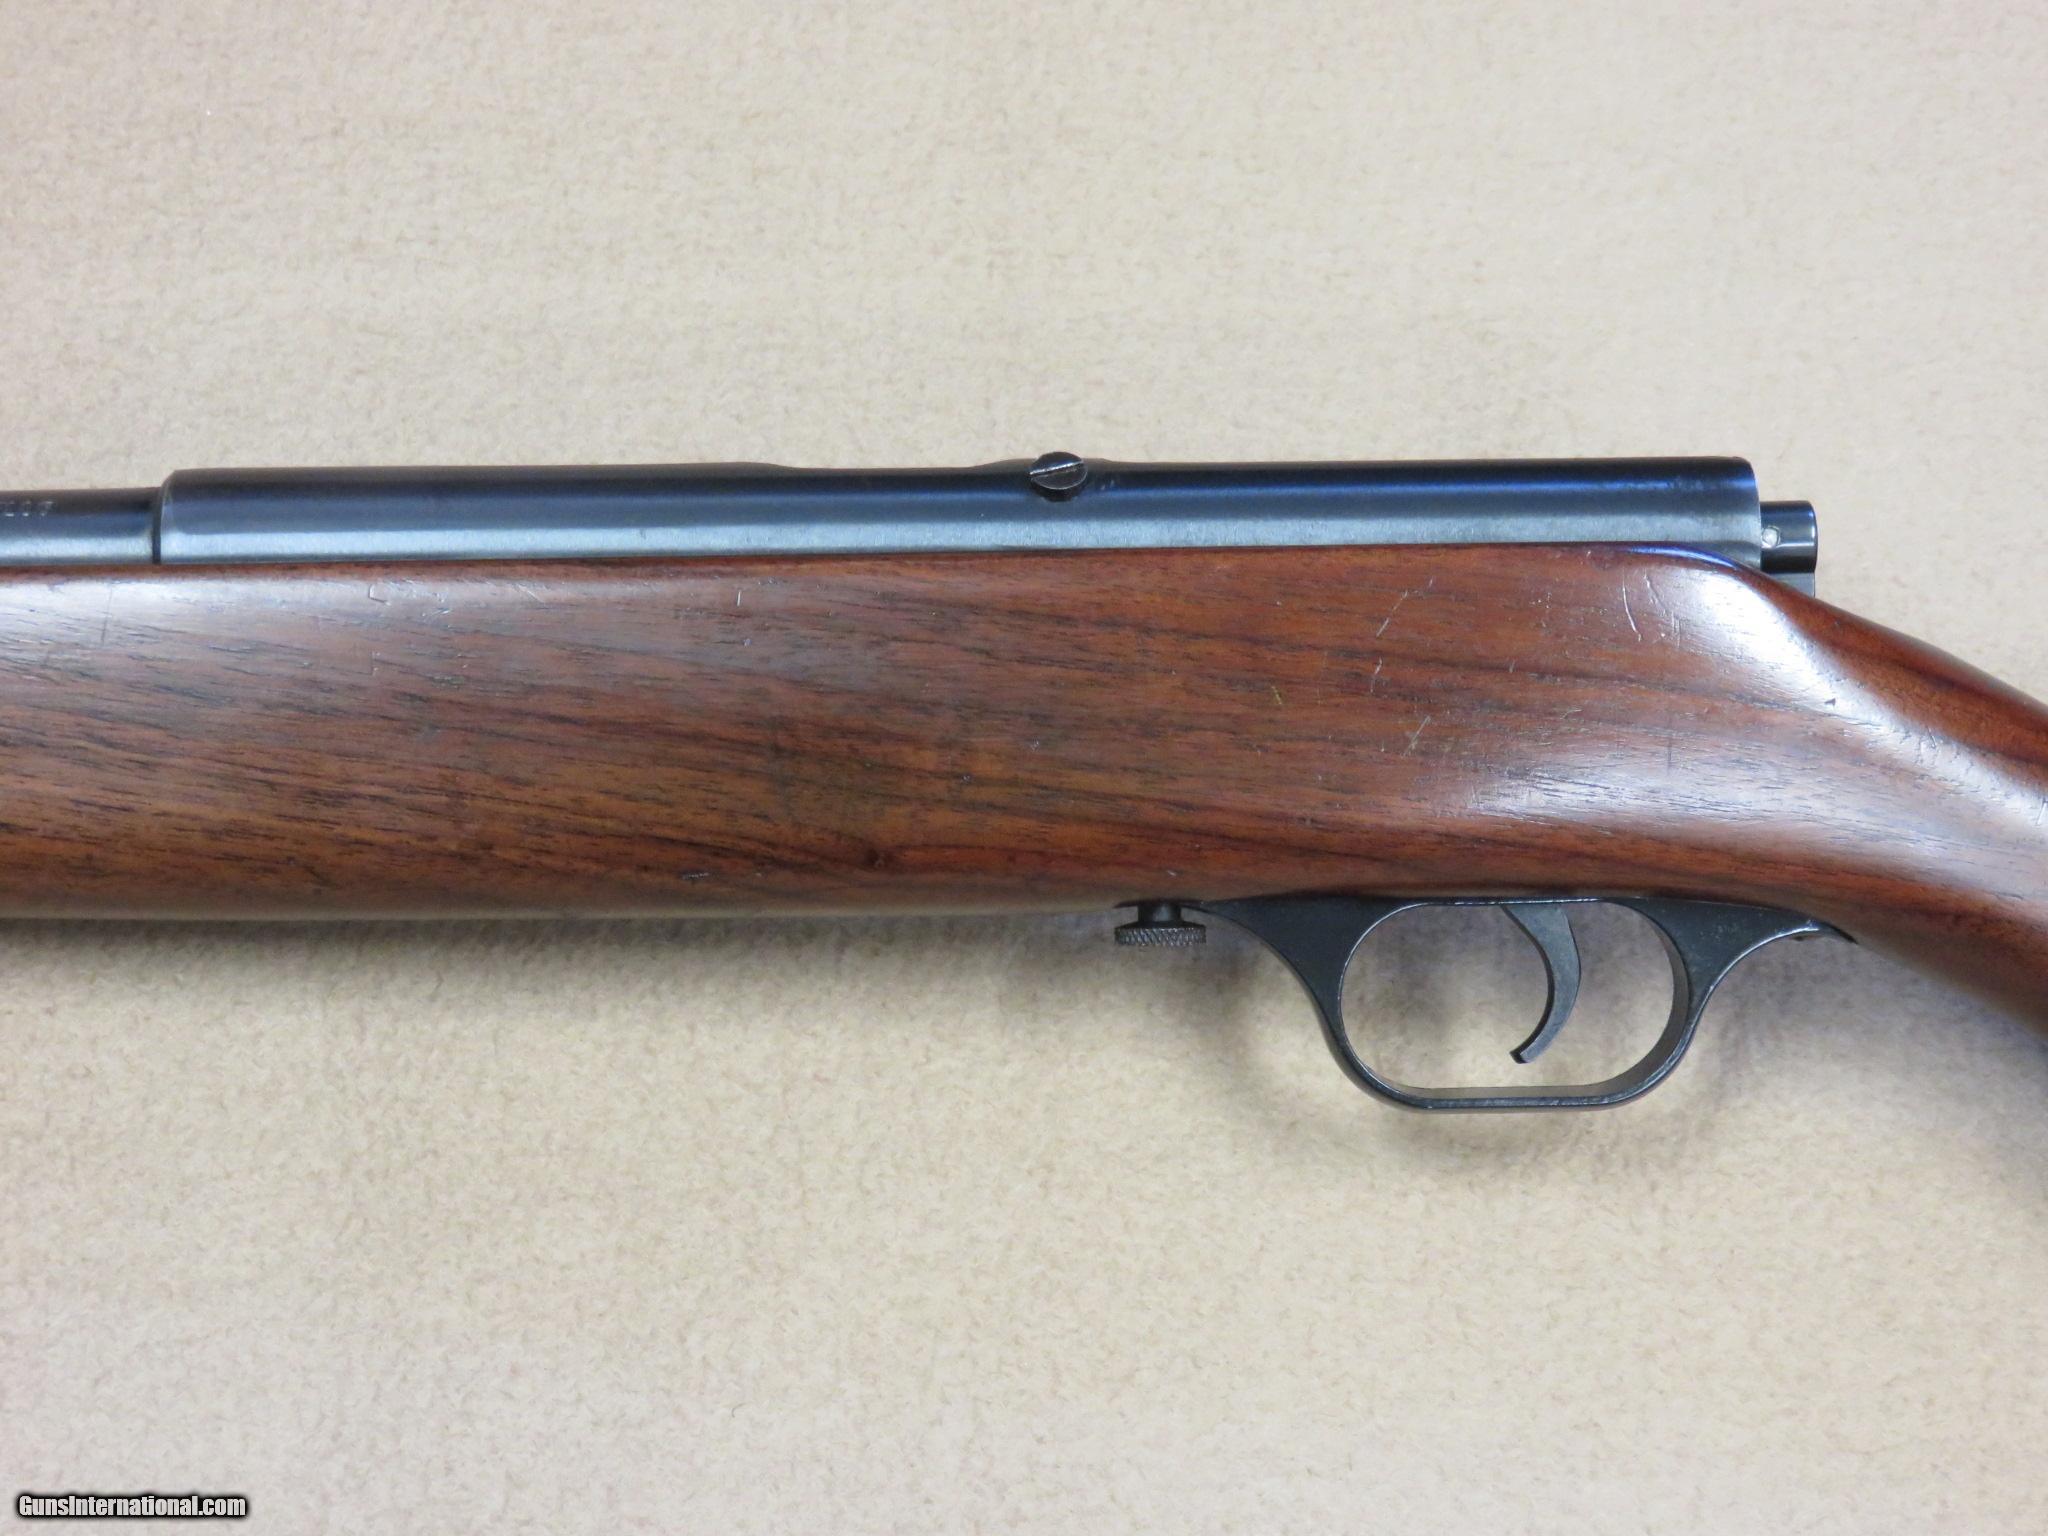 Sears roebuck shotgun serial numbers